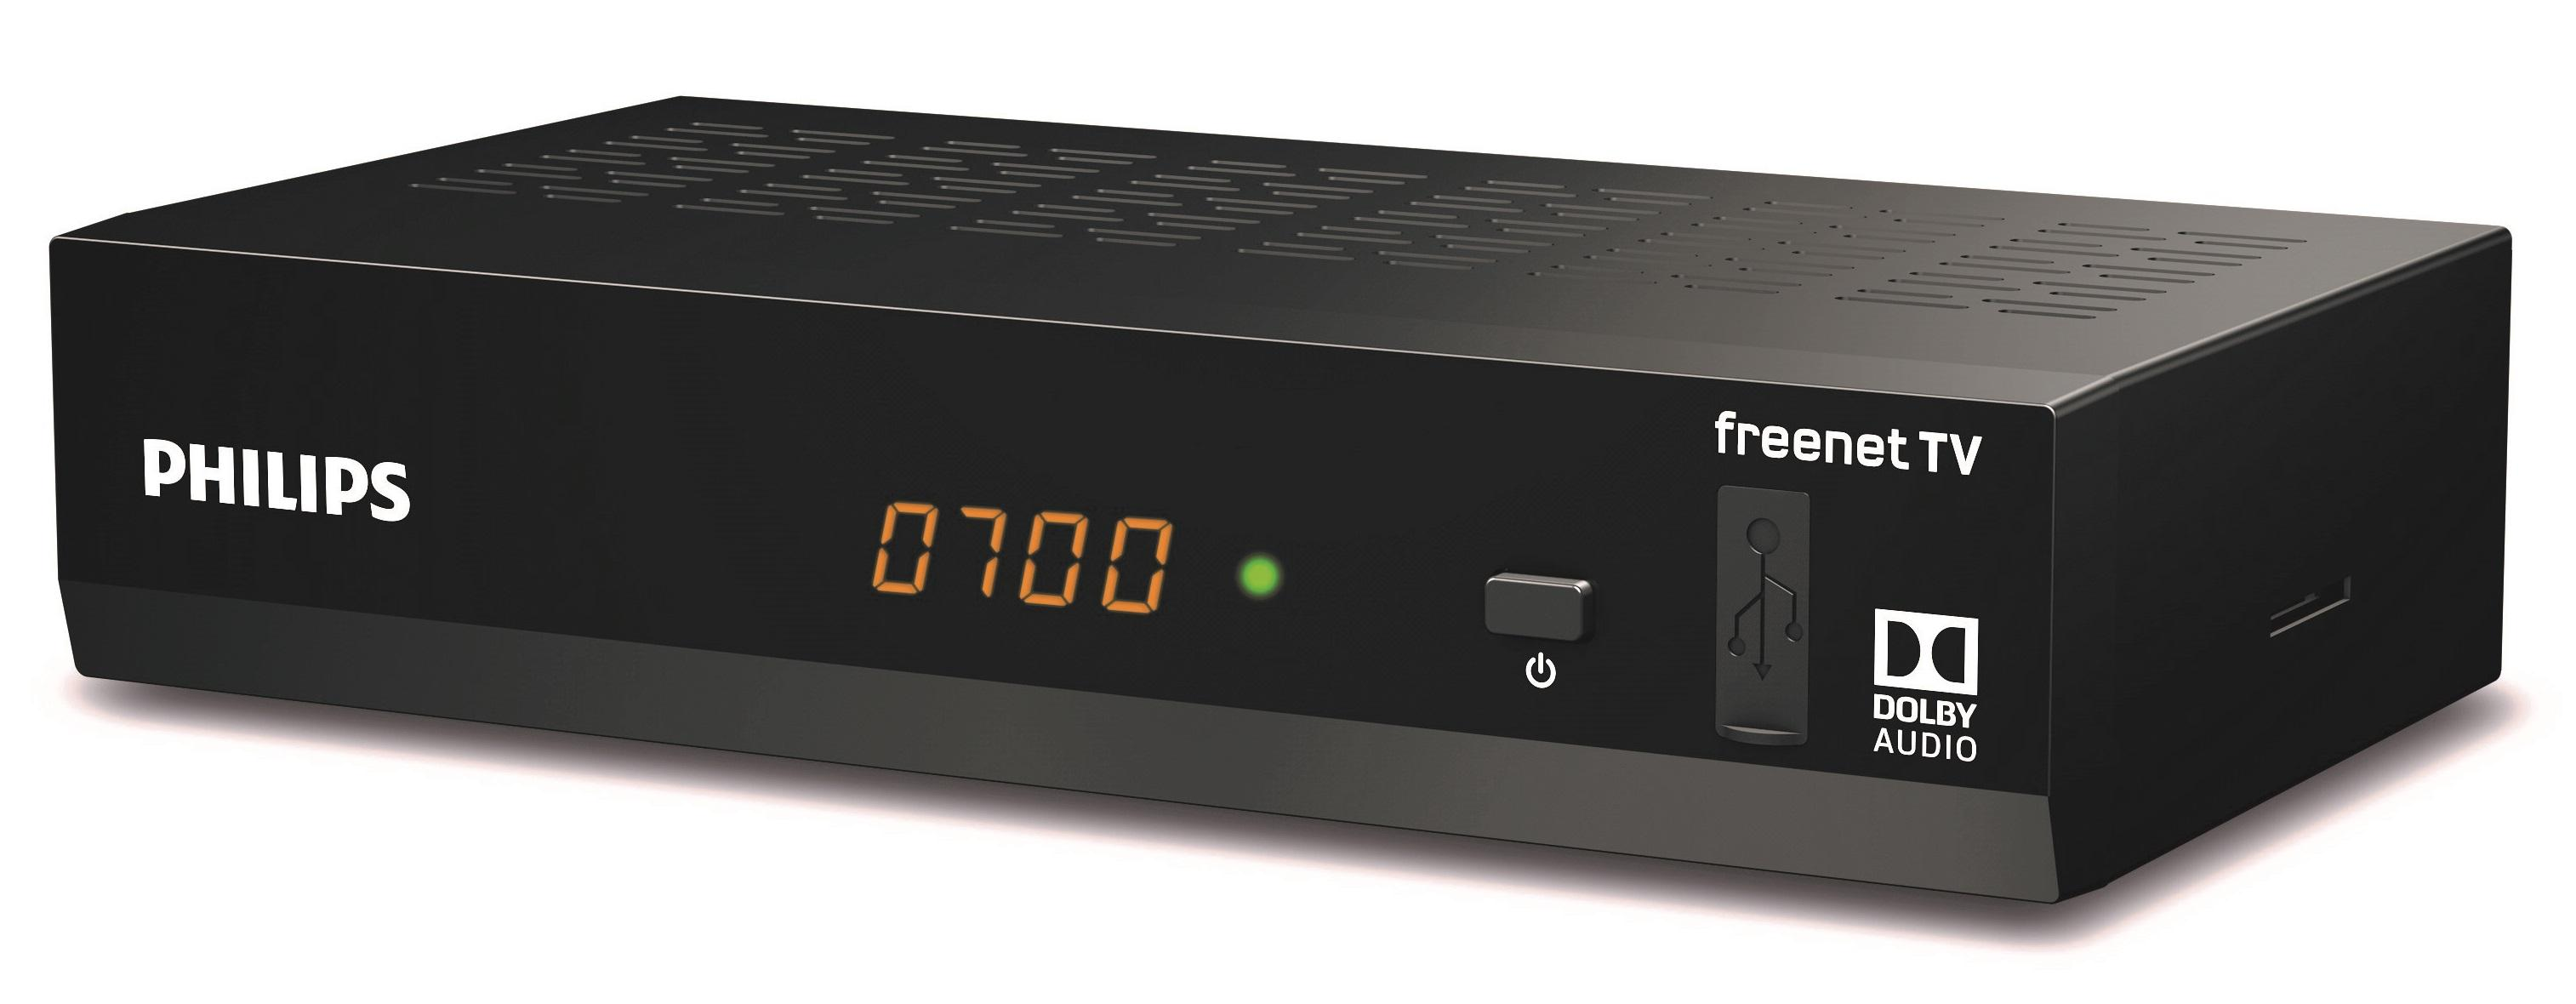 Philips DTR3502B digitaler DVB-T2 Full HD Receiver